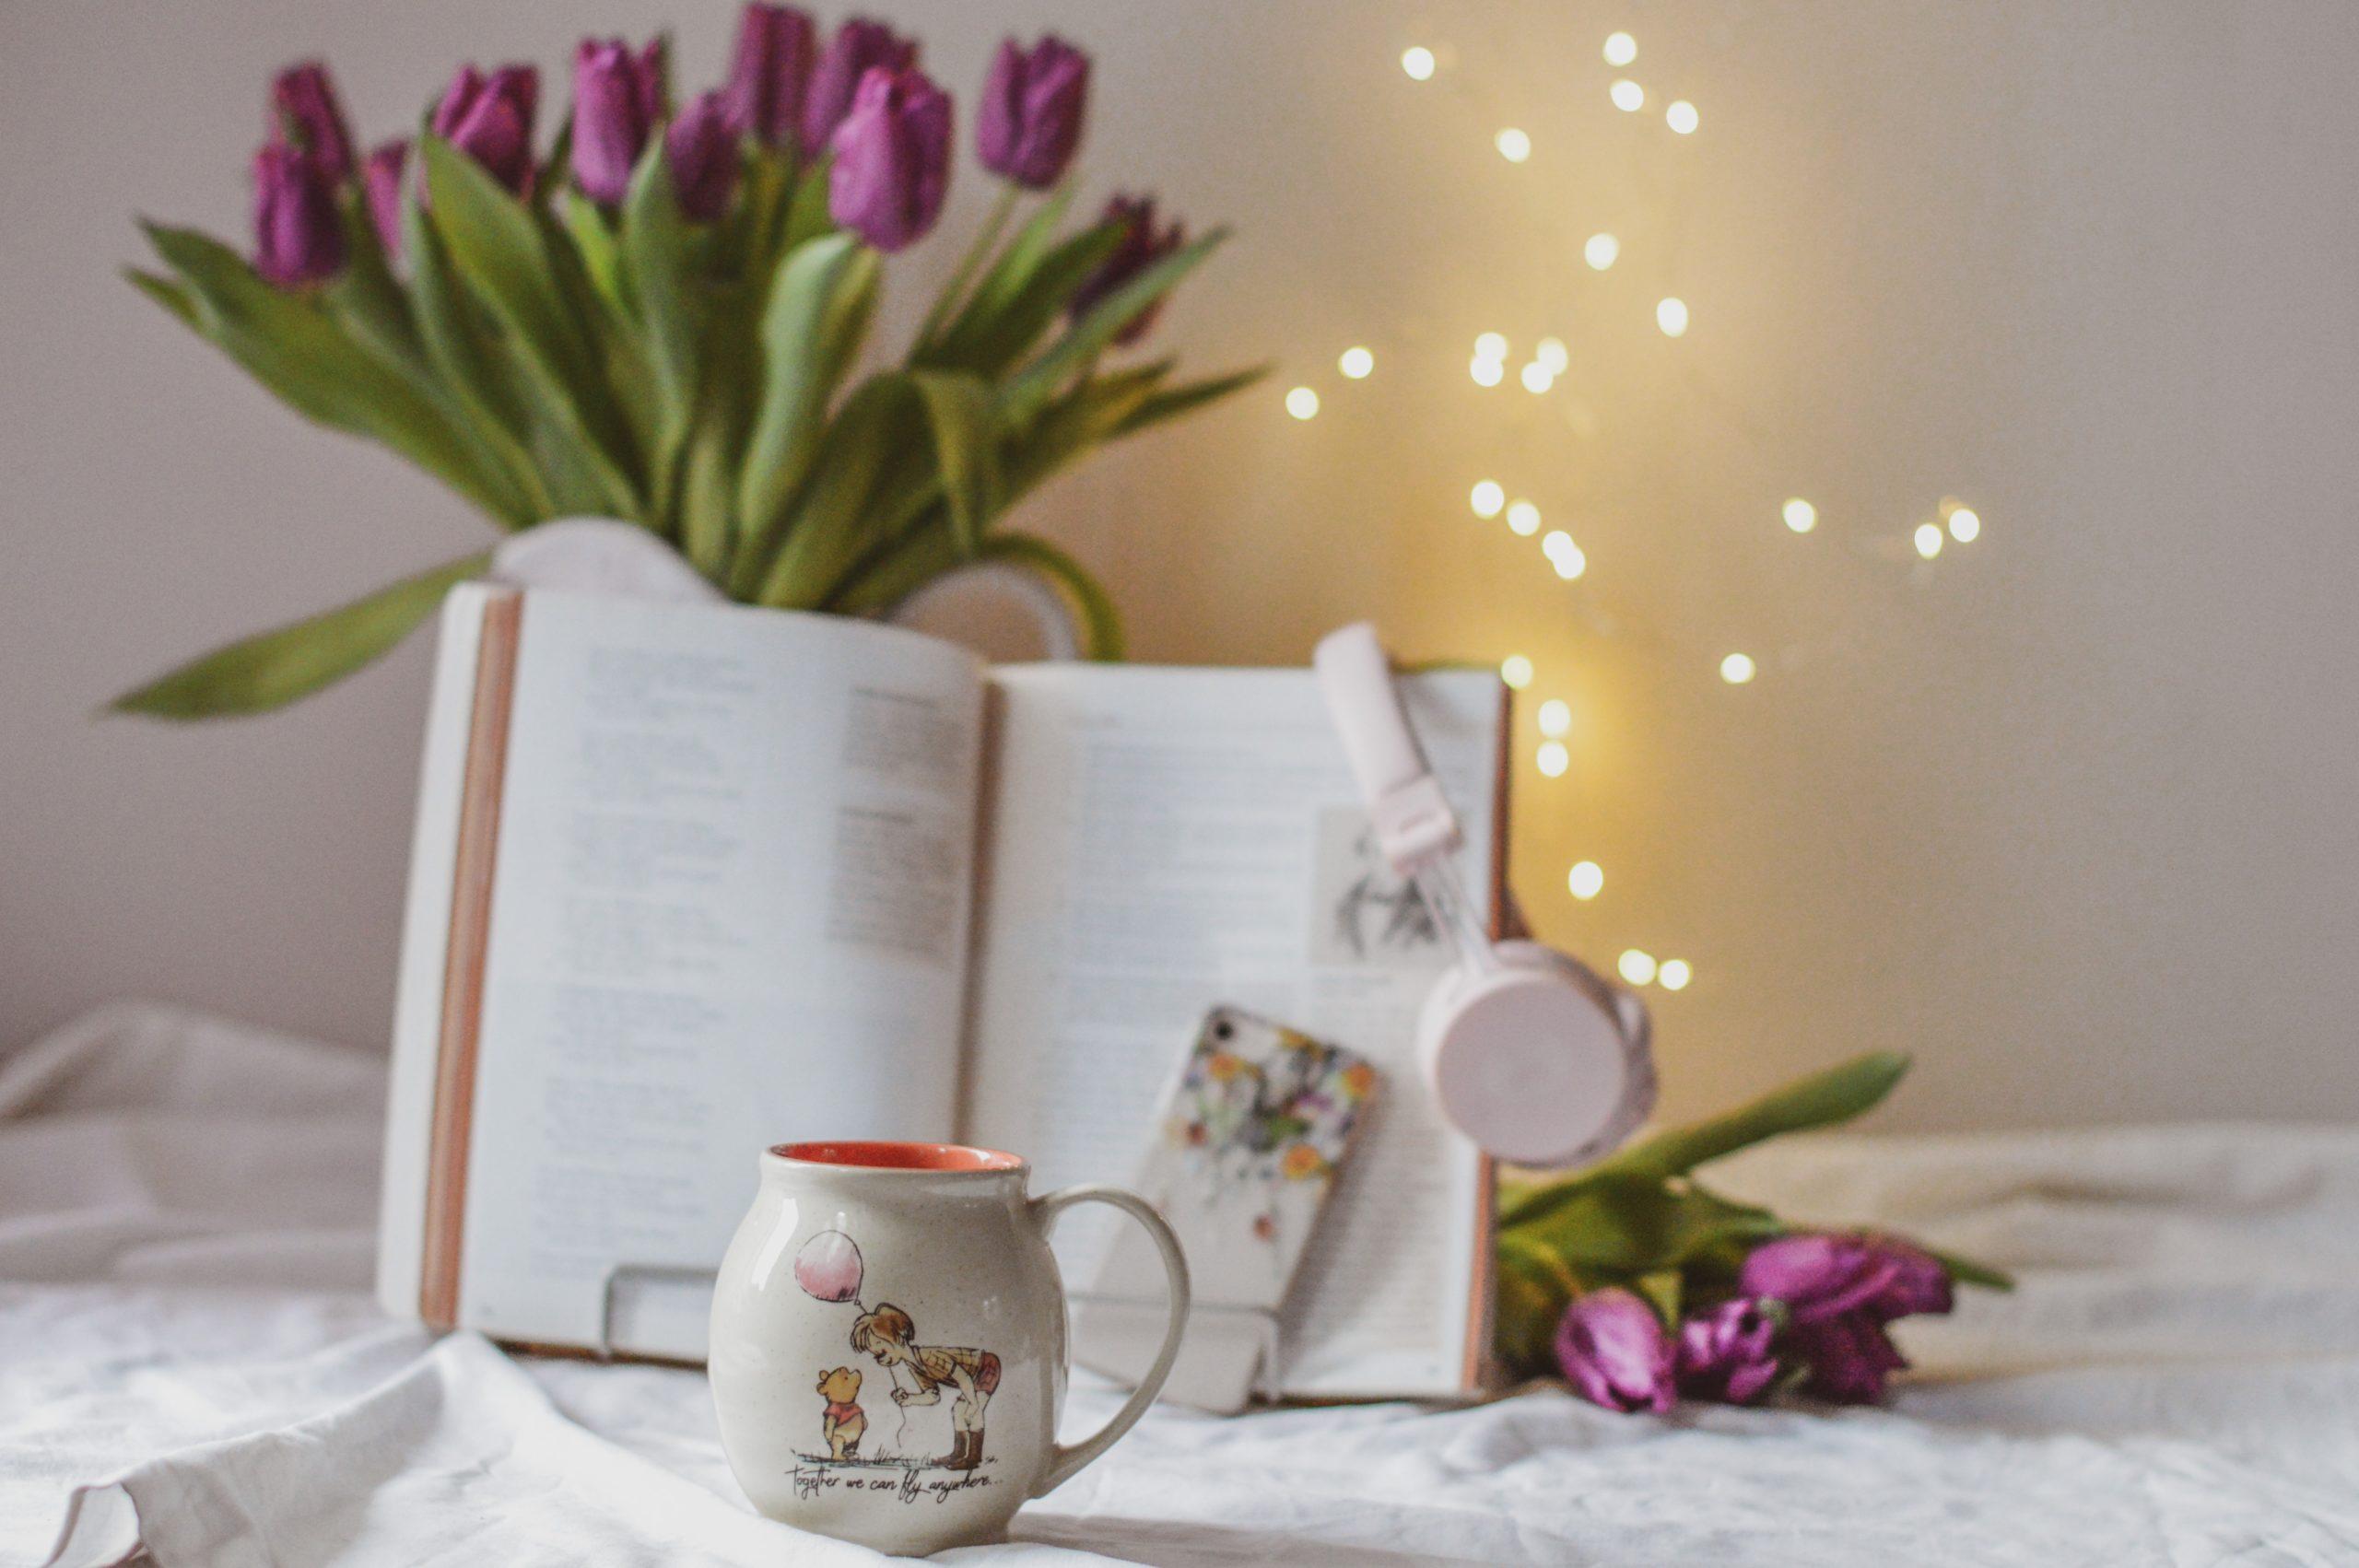 iphone, bukiet tulipanów, kubuś puchatek, kubek, książka, bladoróżowe słuchawki